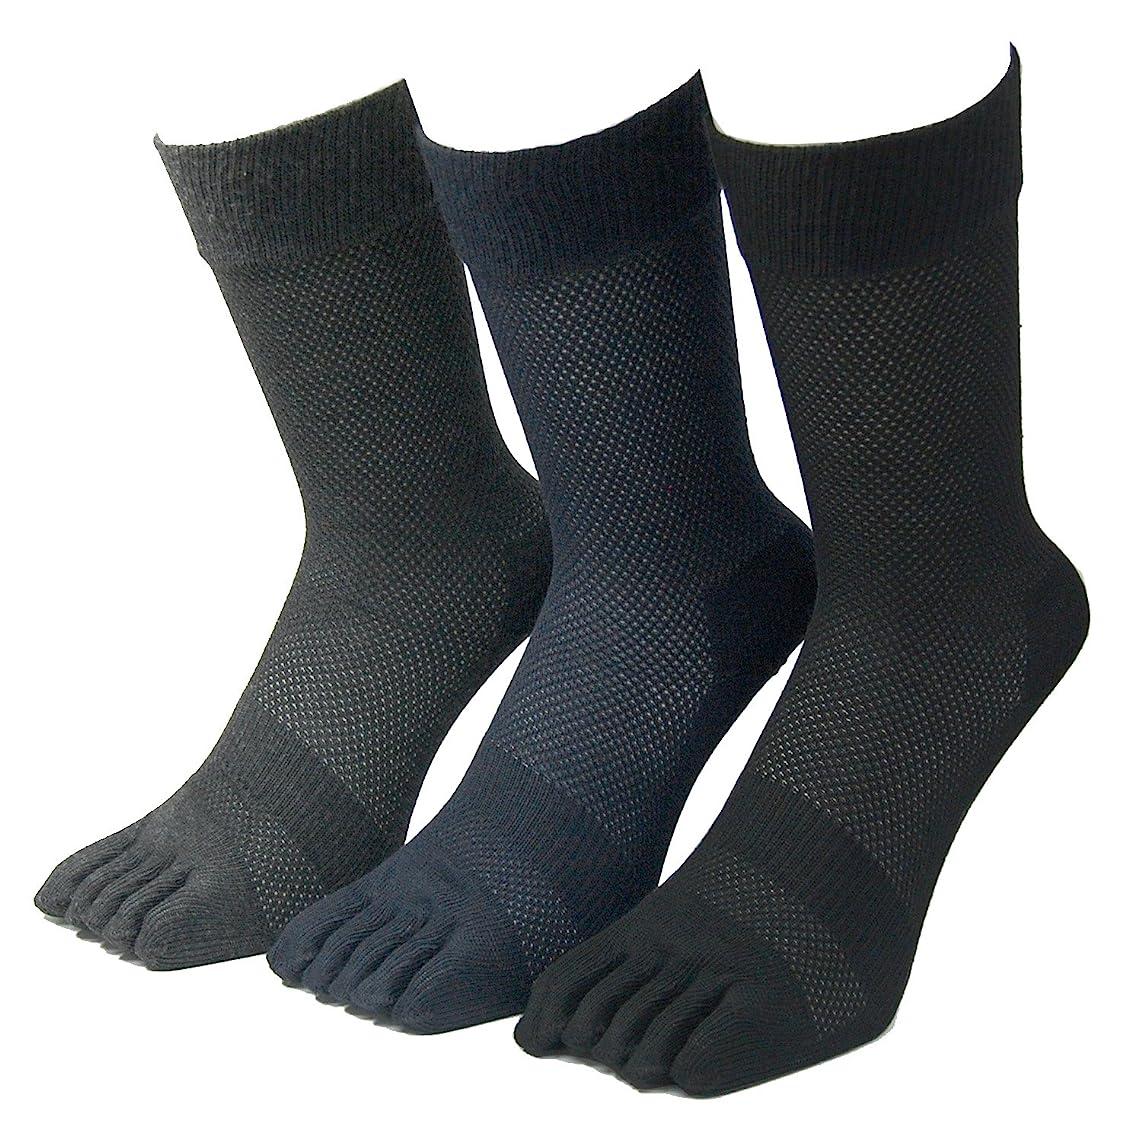 改修二度土器銀マジック 抗菌消臭 五本指銀イオン靴下 メッシュ編 3色アソート 3足組 男性用 811